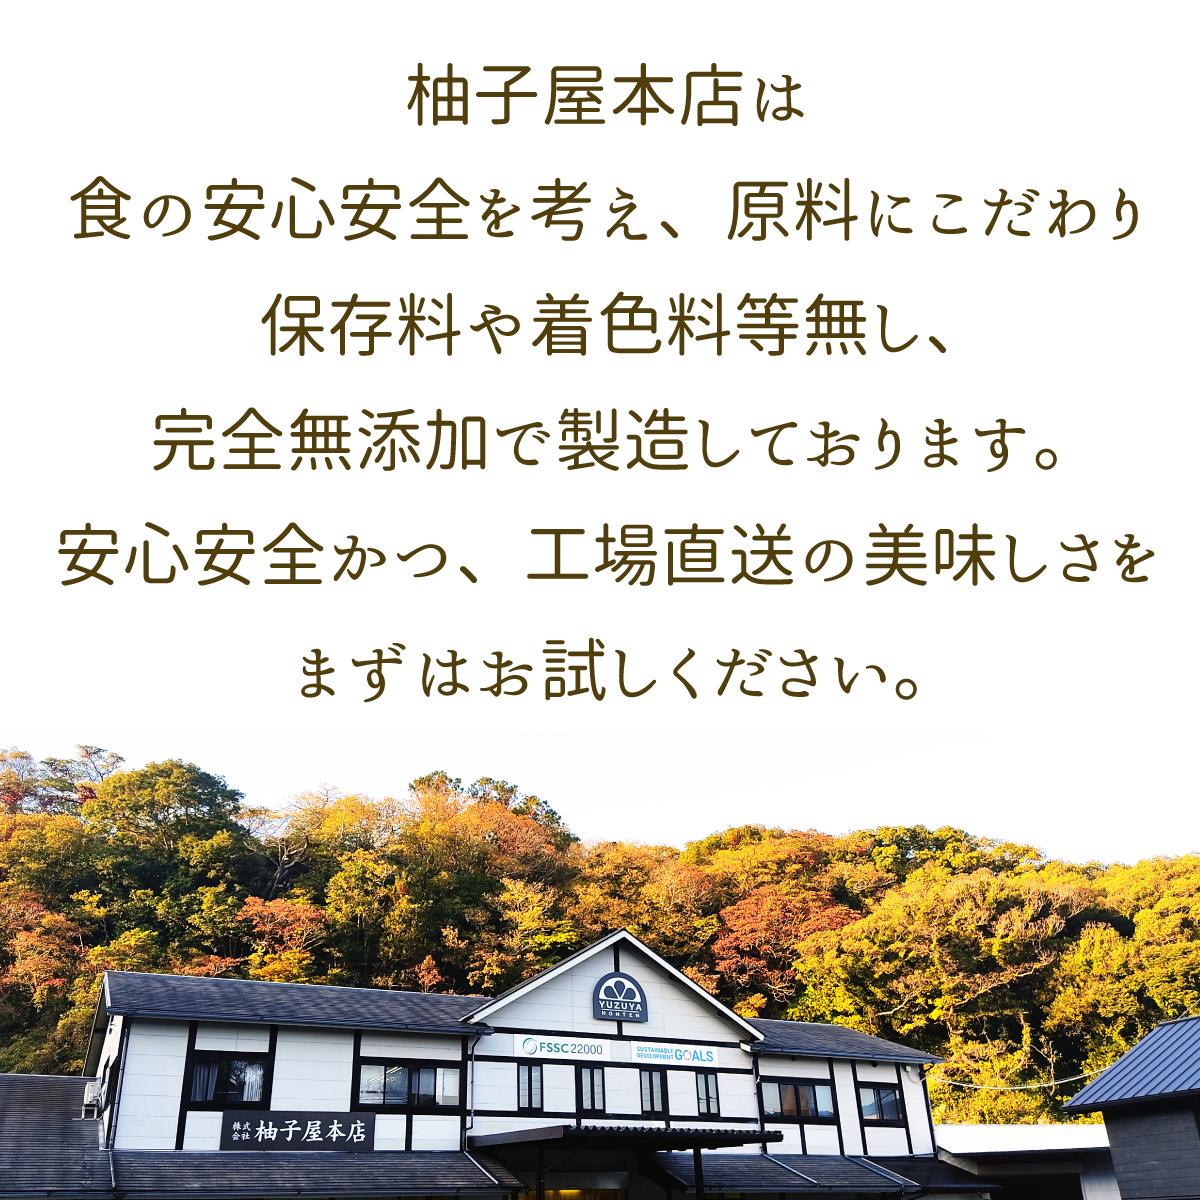 お味見チョイスは送料無料!3,700円ぽっきり!